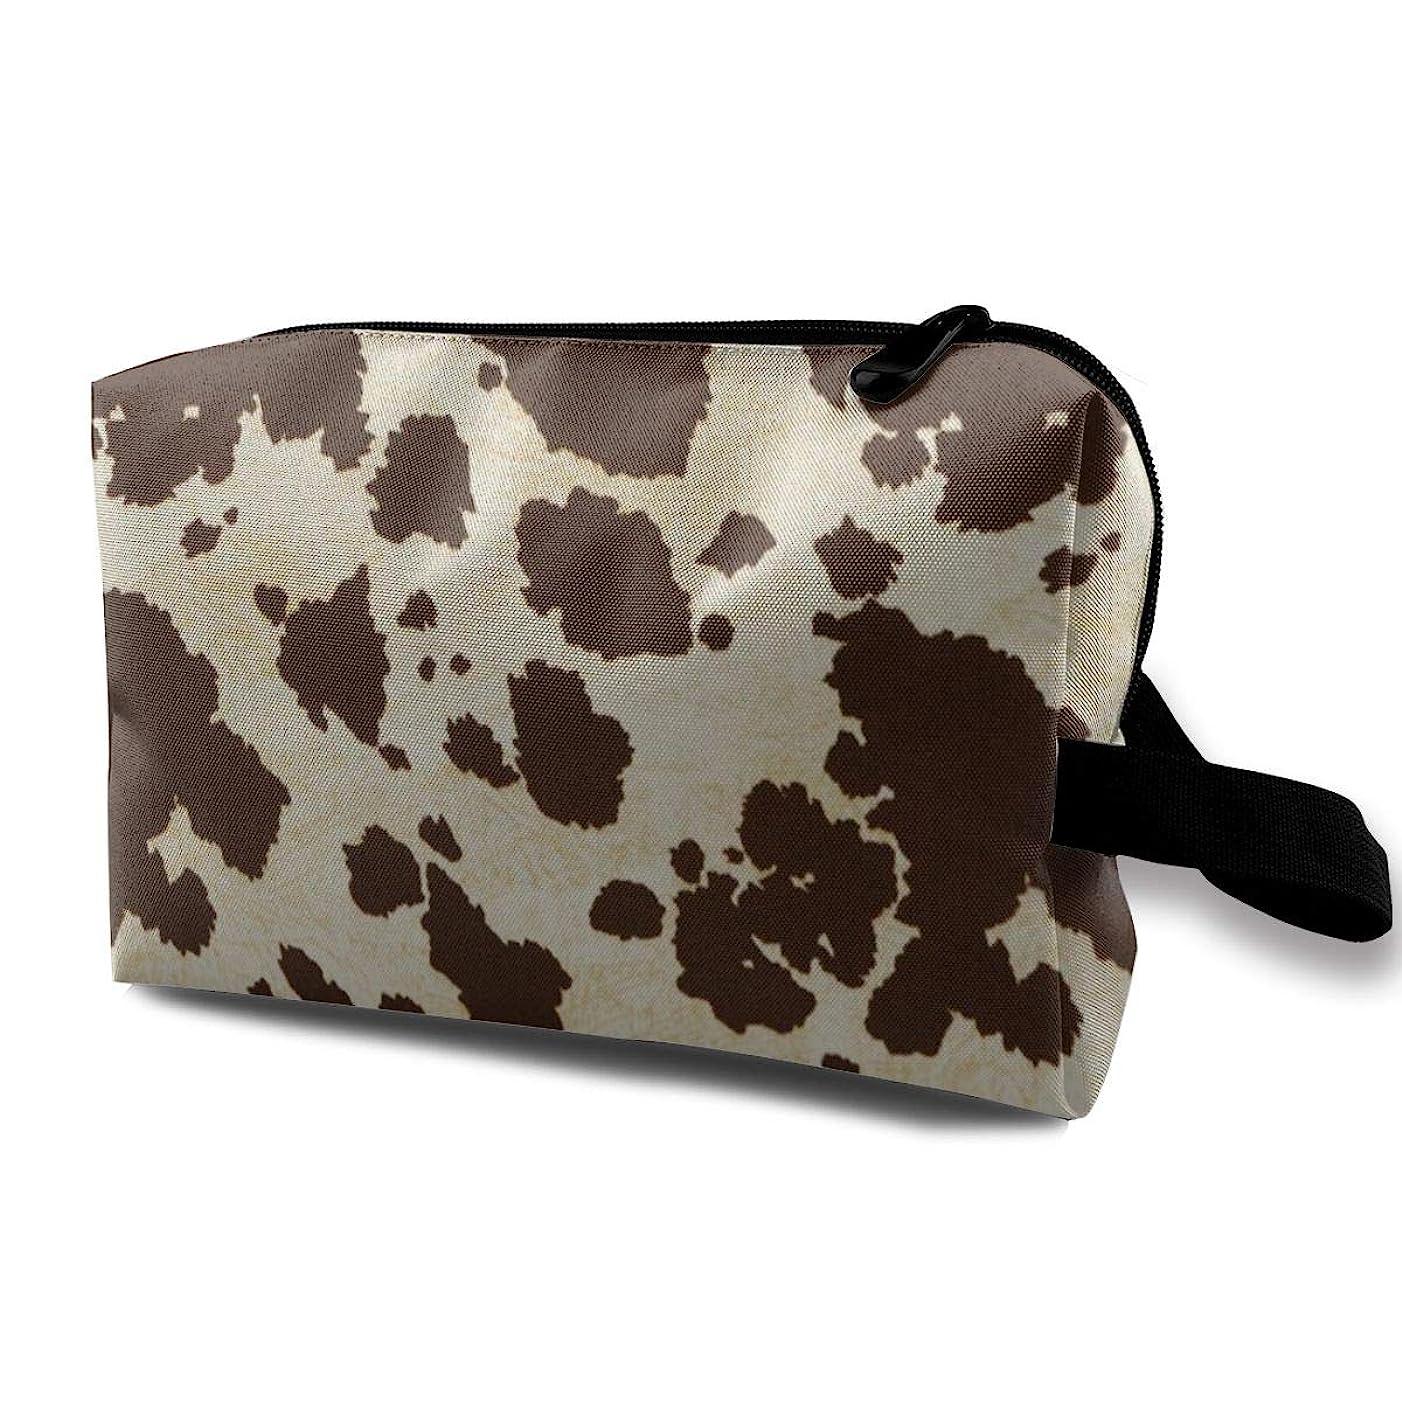 きゅうり退屈な遠え大きな牛の毛皮のプリントパターン 化粧バッグ 収納袋 女大容量 化粧品クラッチバッグ 収納 軽量 ウィンドジップ